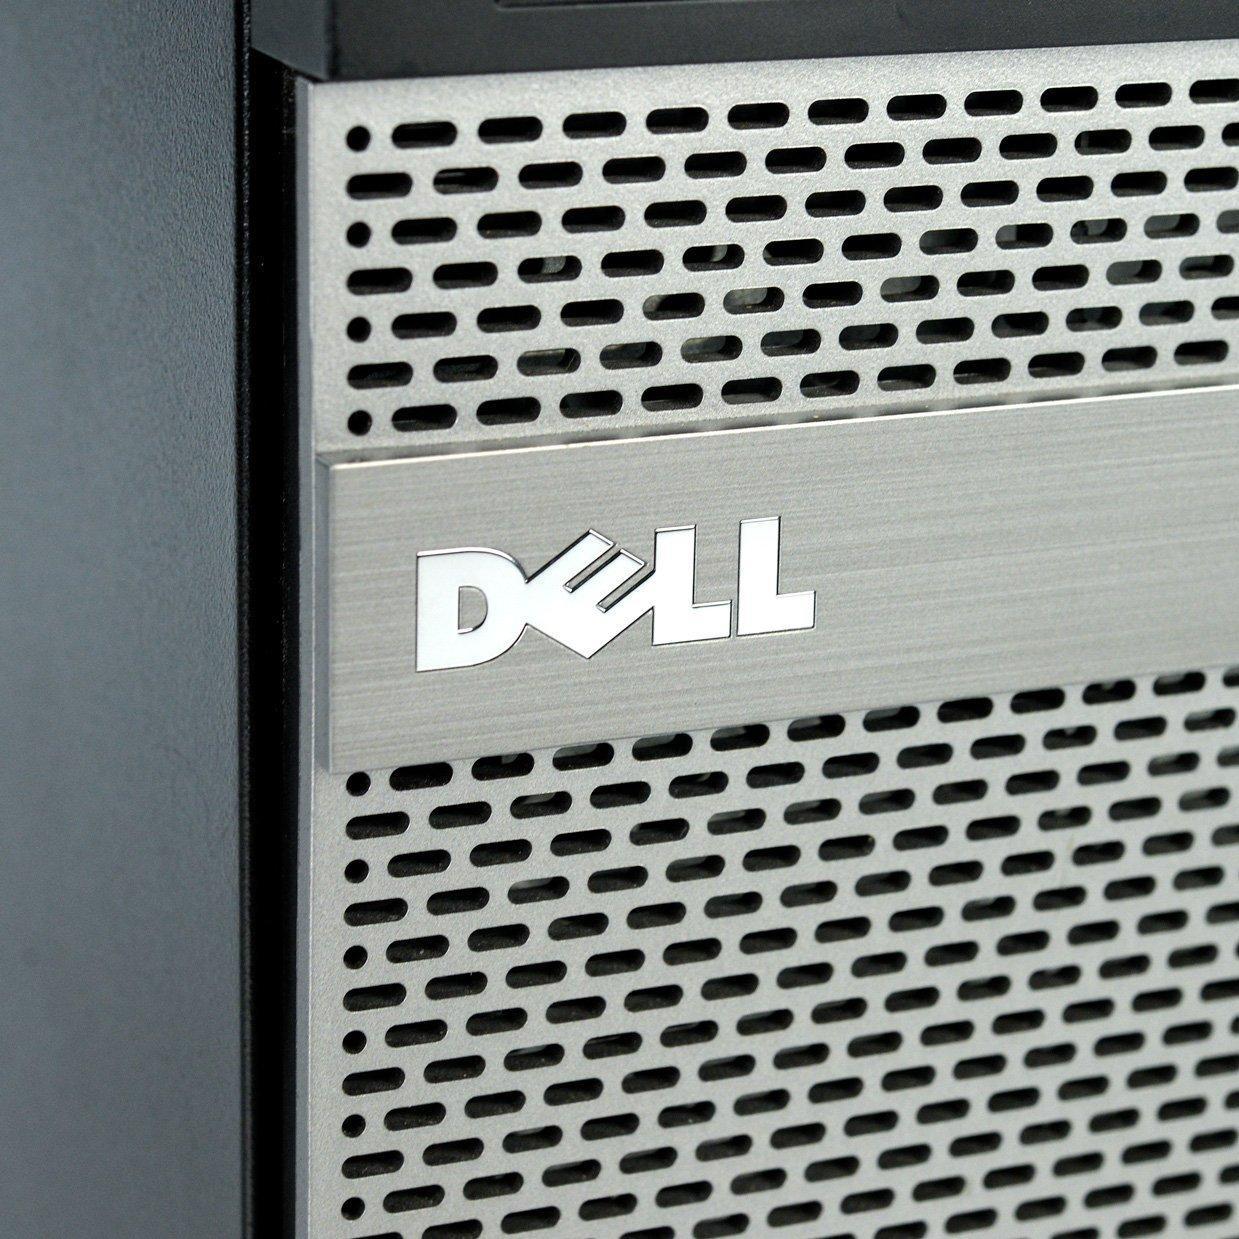 Máy bàn Dell 390 MT